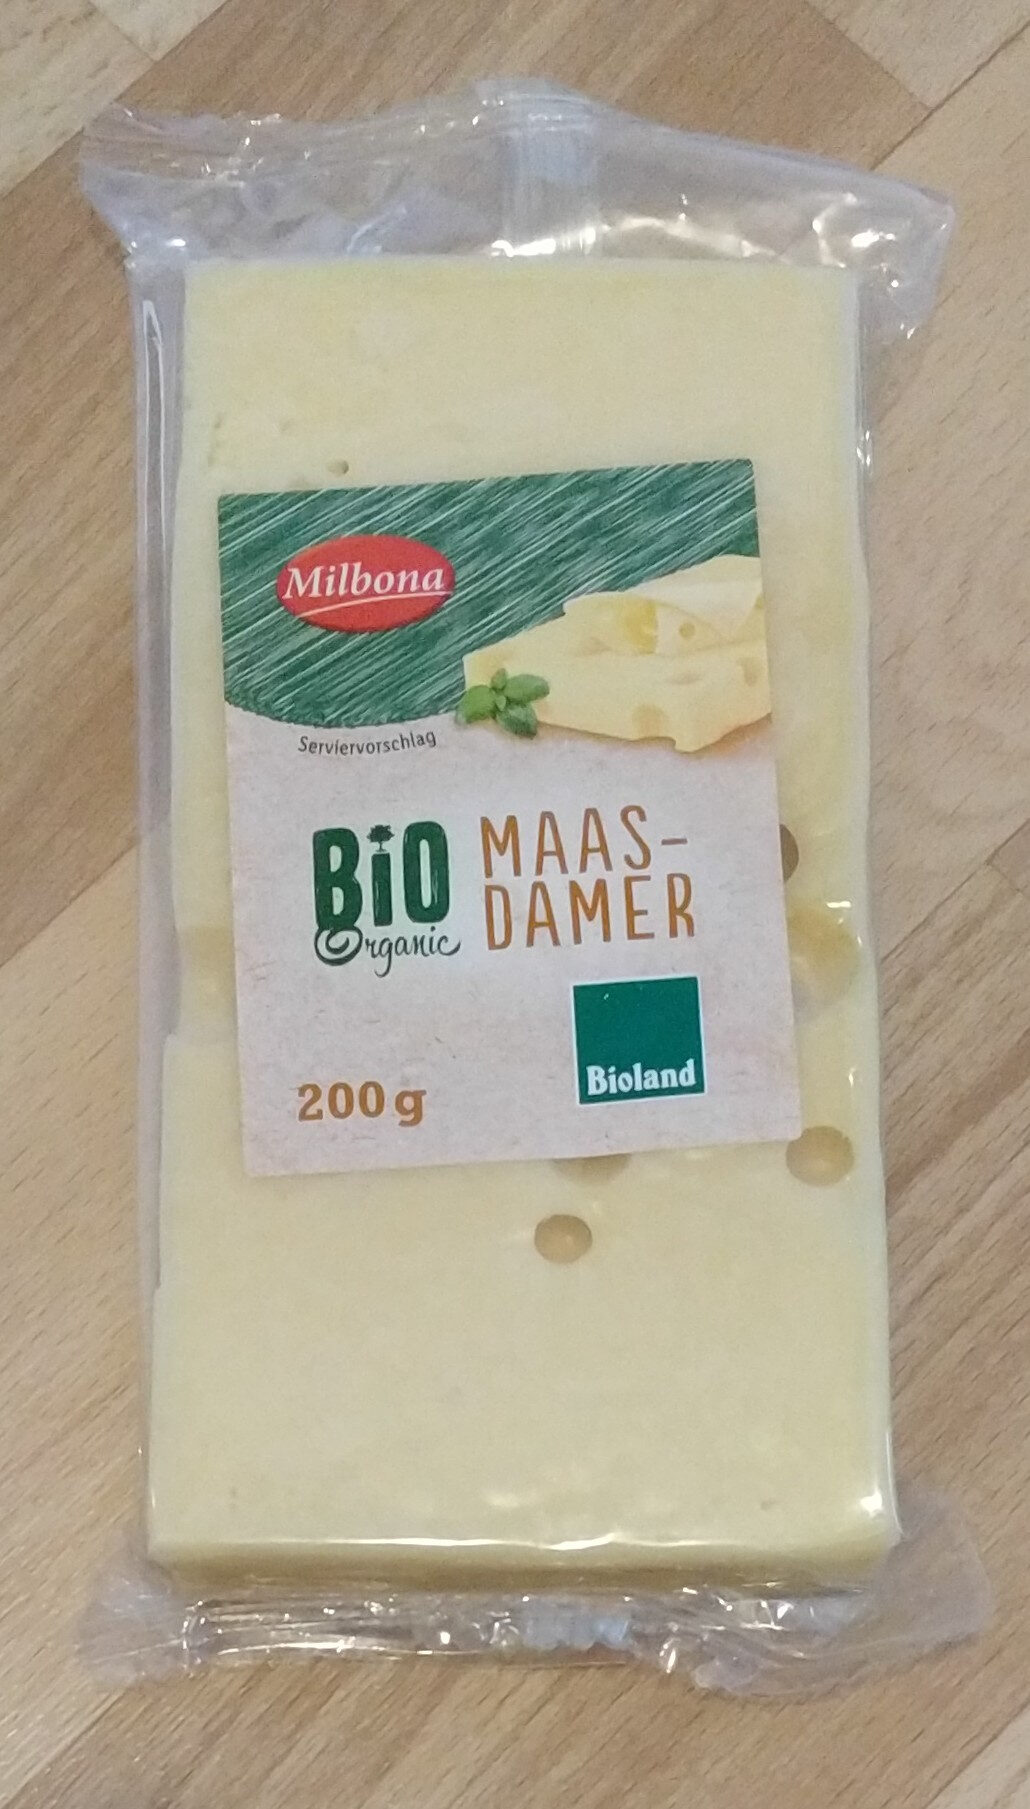 Maasdamer - Produkt - de